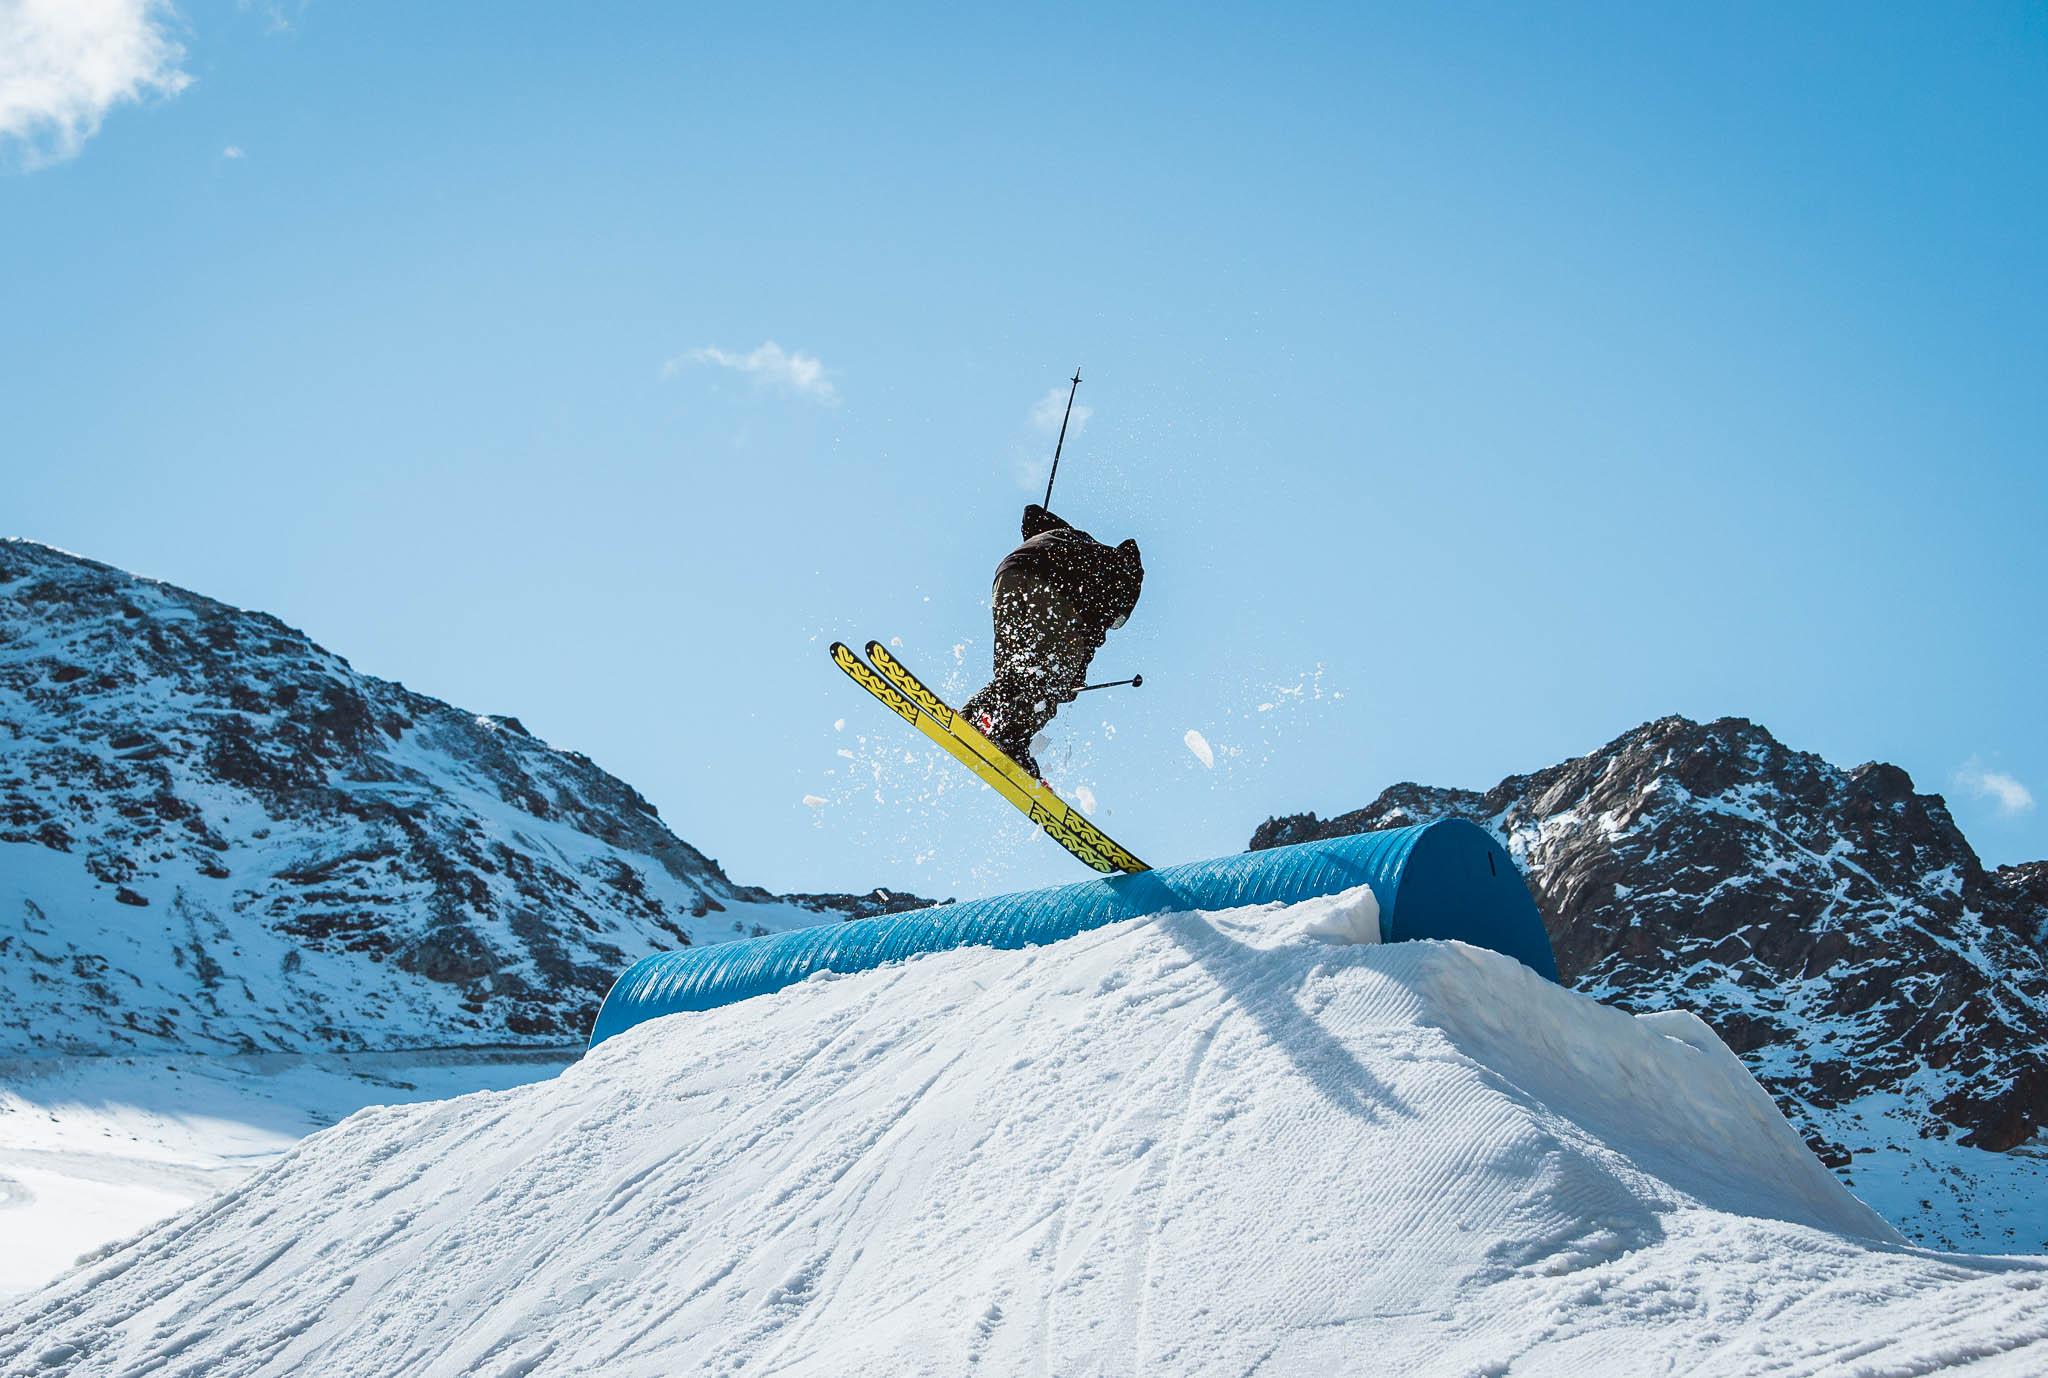 Die Shape-Crew des Snowpark Kaunertal hat erneut ein sehr abwechslungsreiches Setup auf dem Tiroler Gletscher aufgebaut - Rider: Torge Nagel